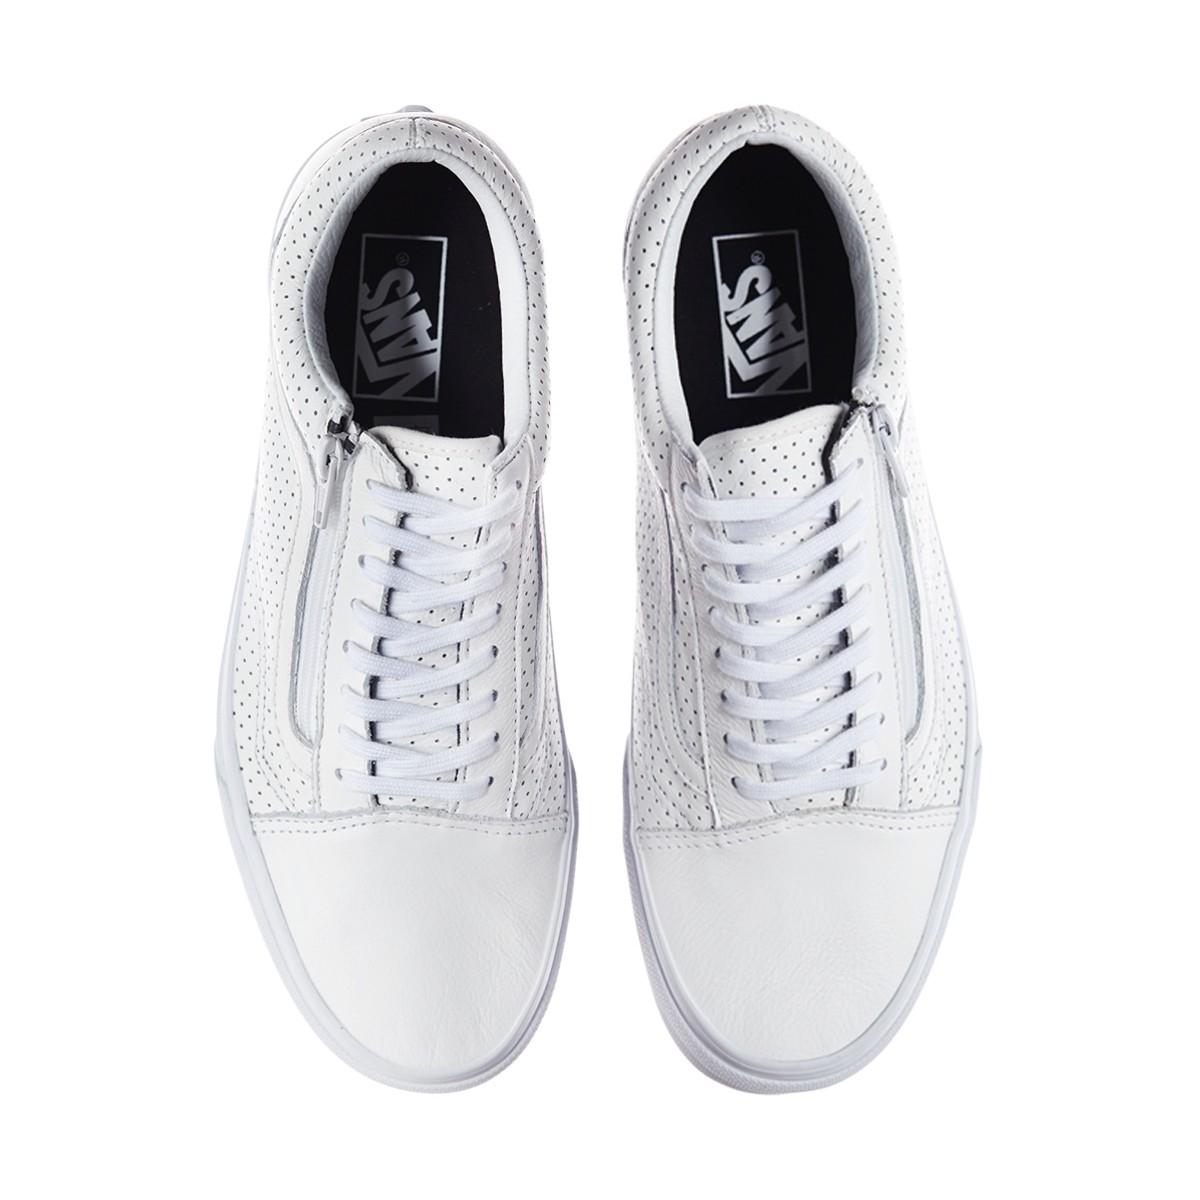 4496889eead1 Lyst - Vans Old Skool Zip Perforated Leather Sneakers in White for Men